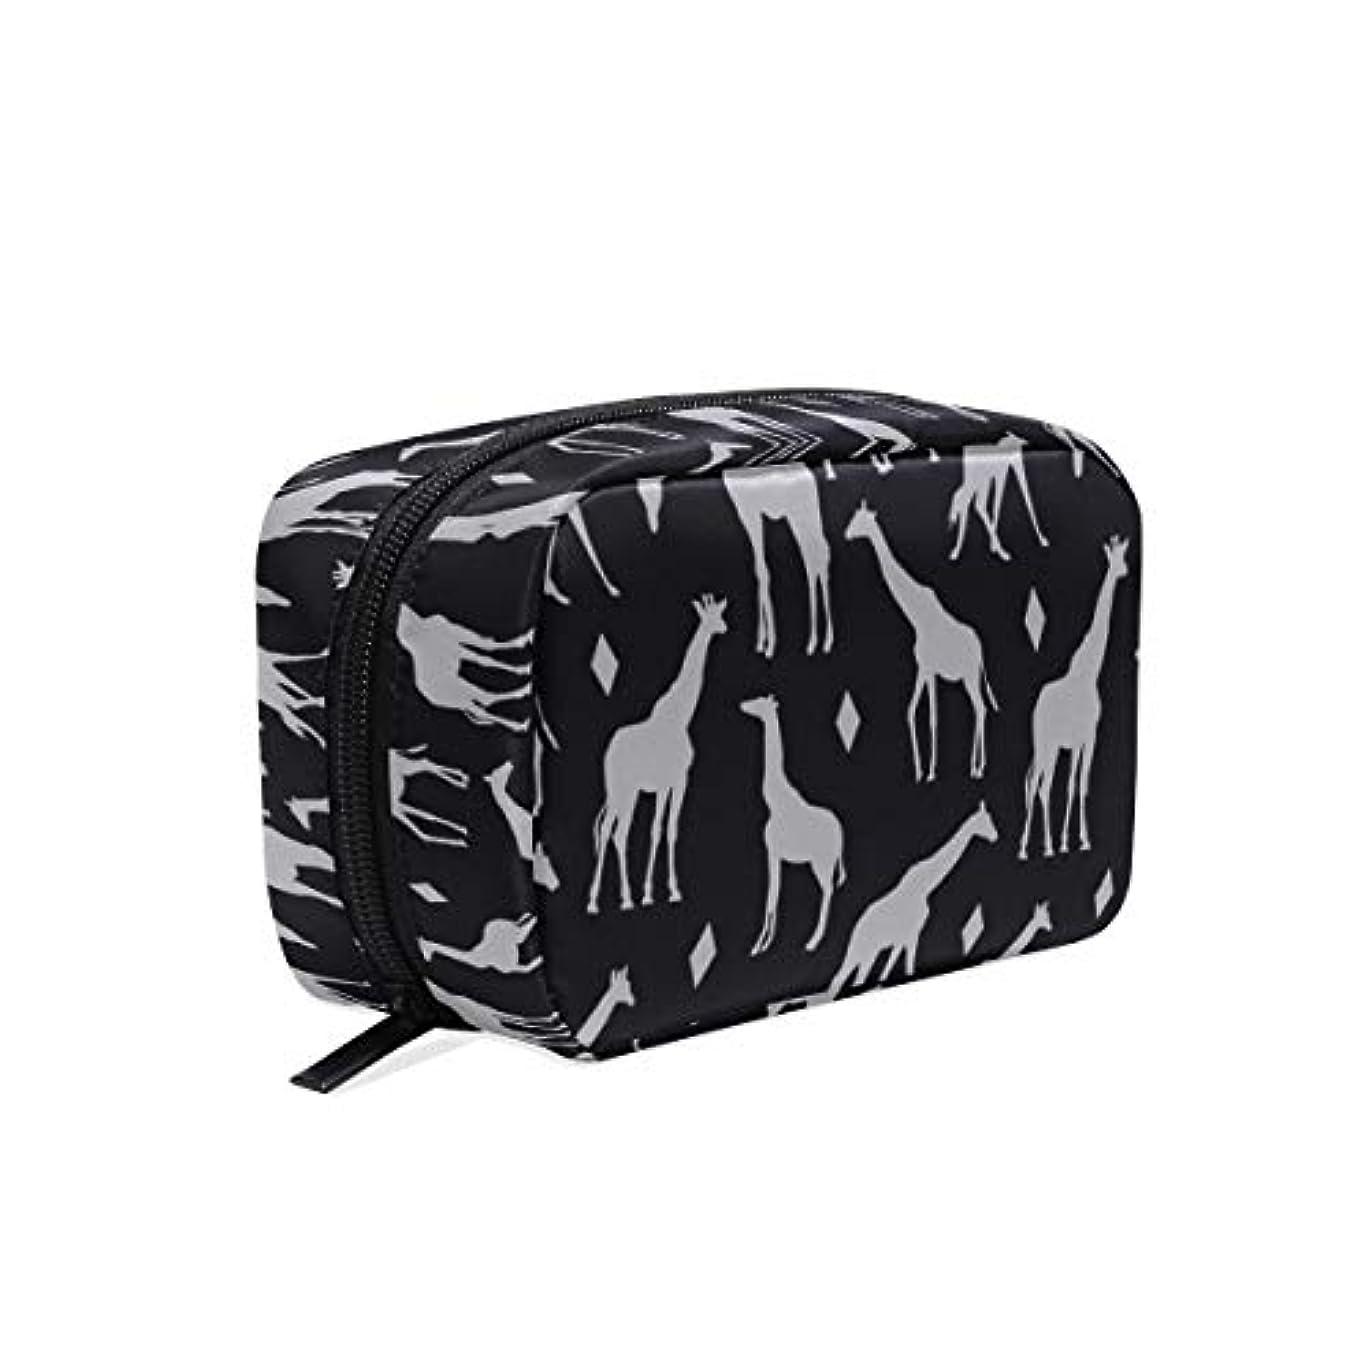 厄介な全滅させるニュースキリン柄 グレイ 化粧ポーチ メイクポーチ 機能的 大容量 化粧品収納 小物入れ 普段使い 出張 旅行 メイク ブラシ バッグ 化粧バッグ